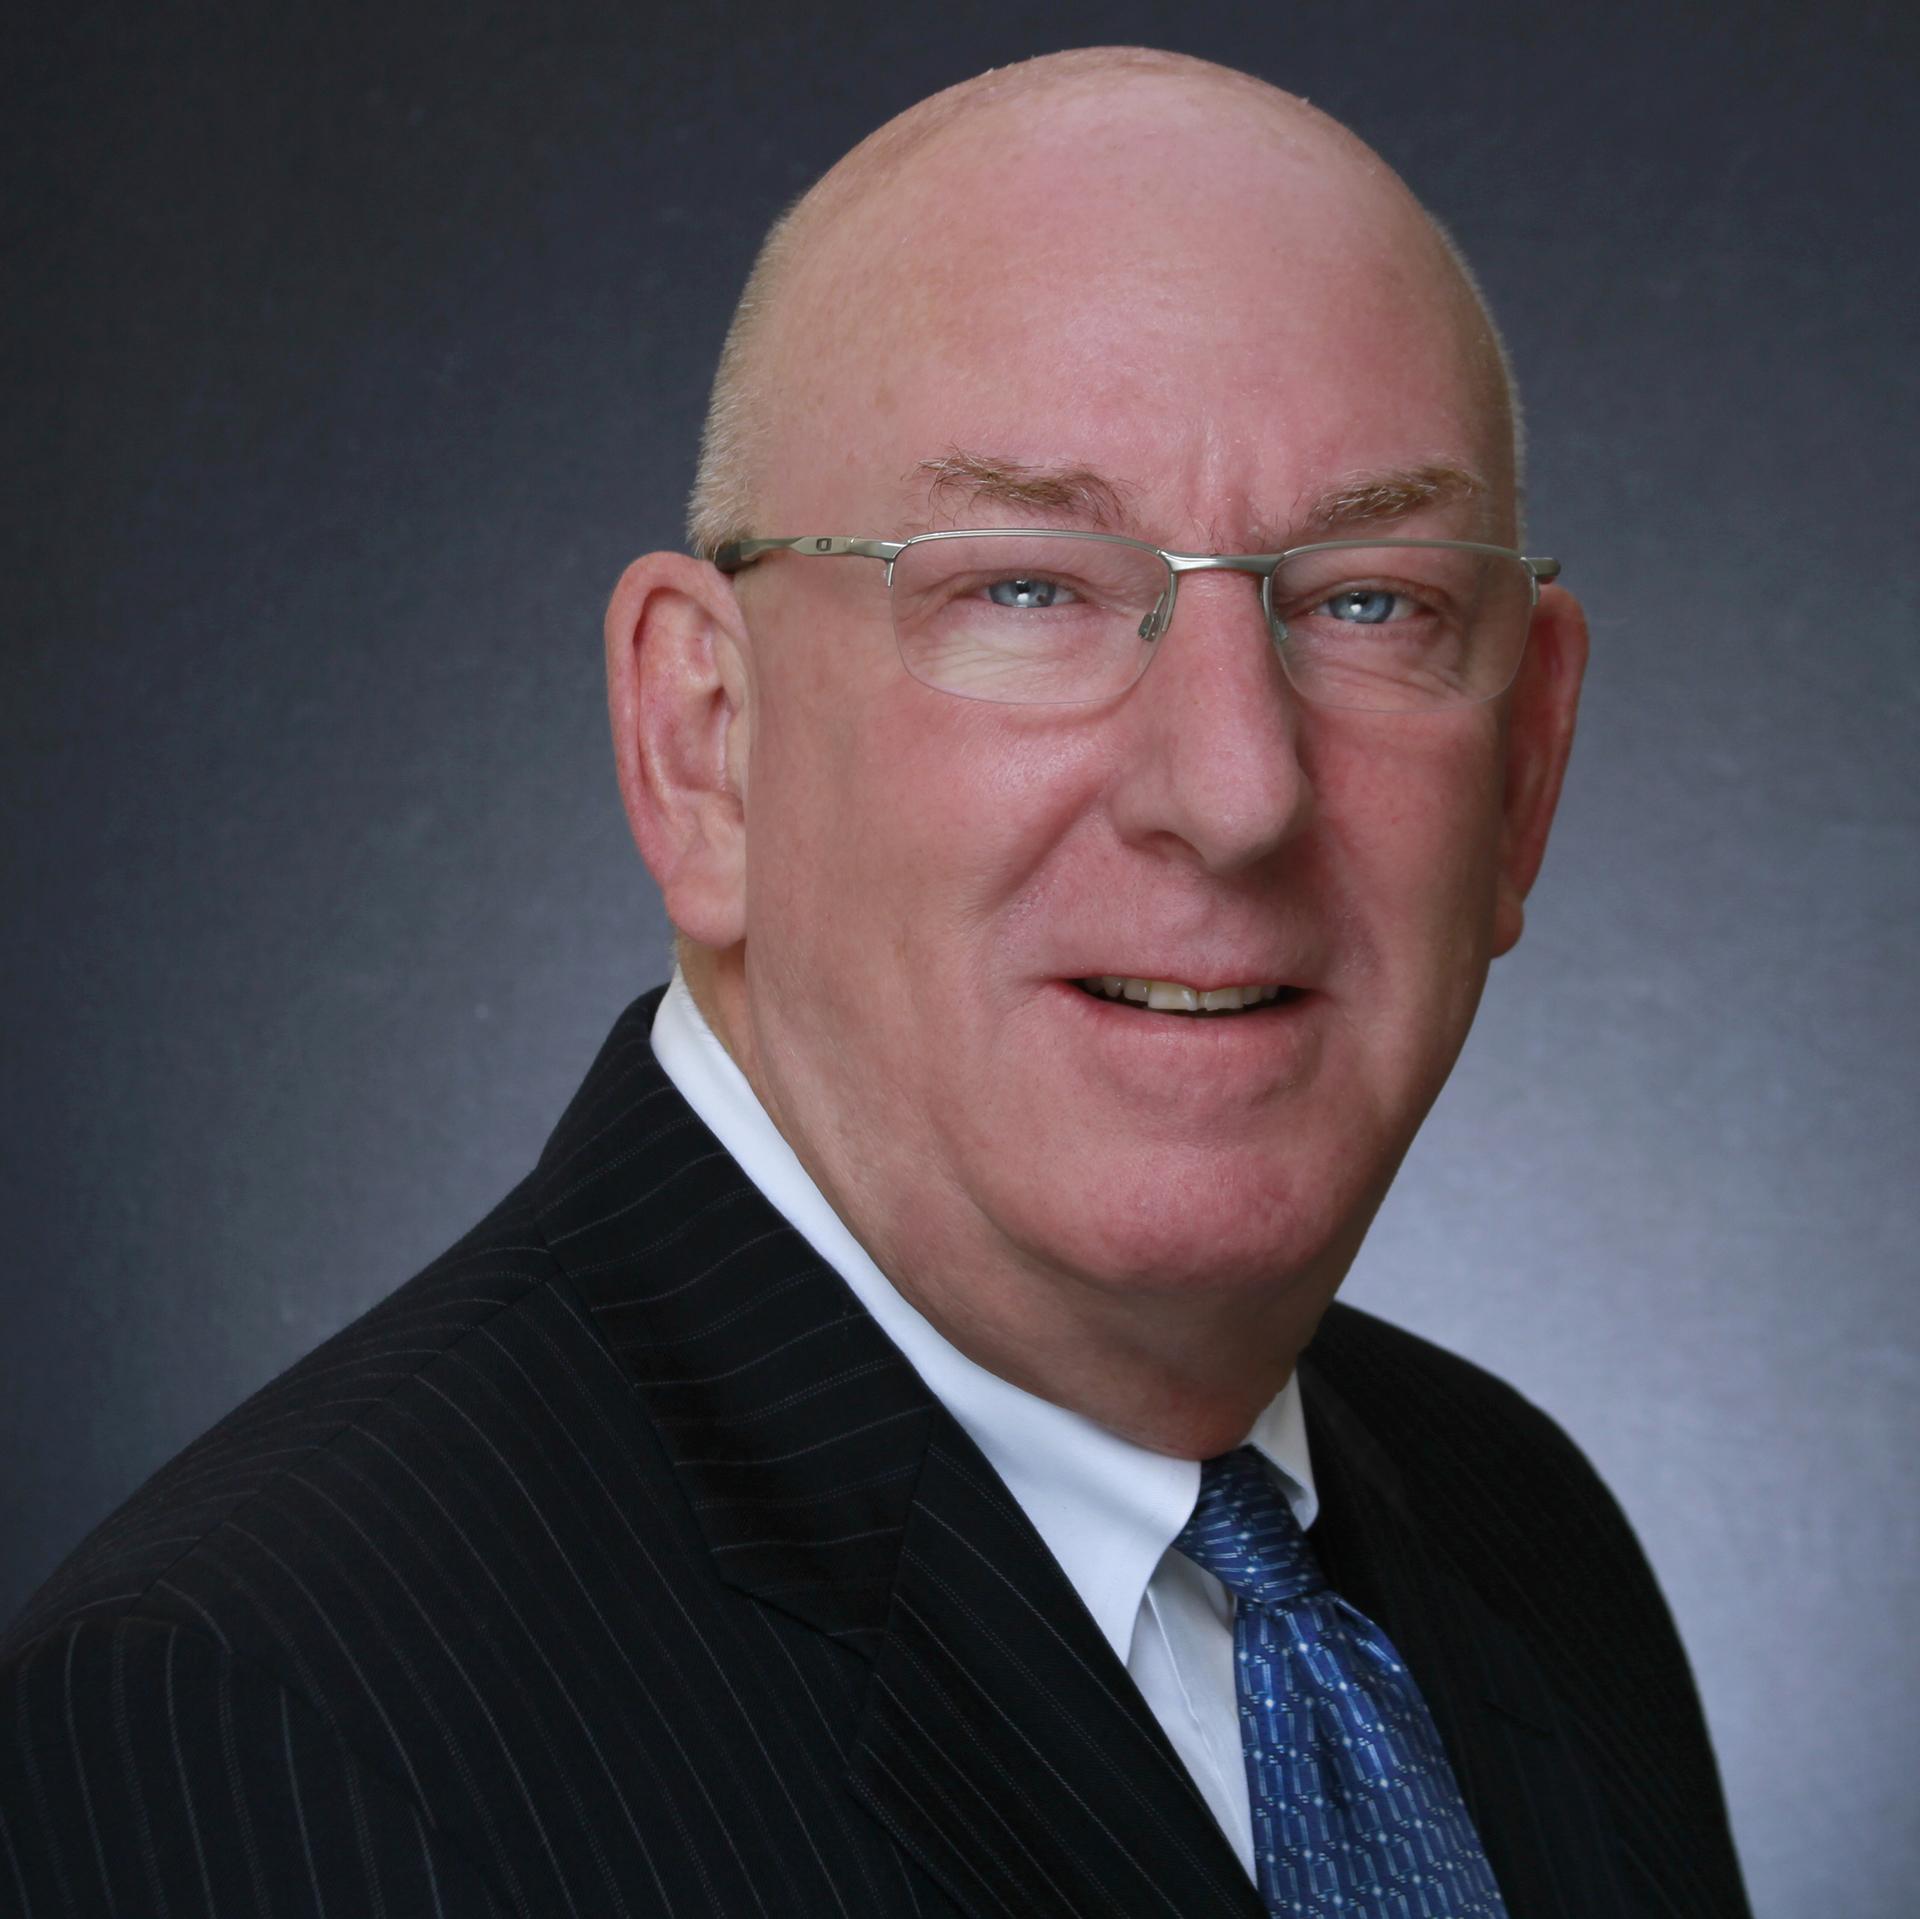 Edward Cole